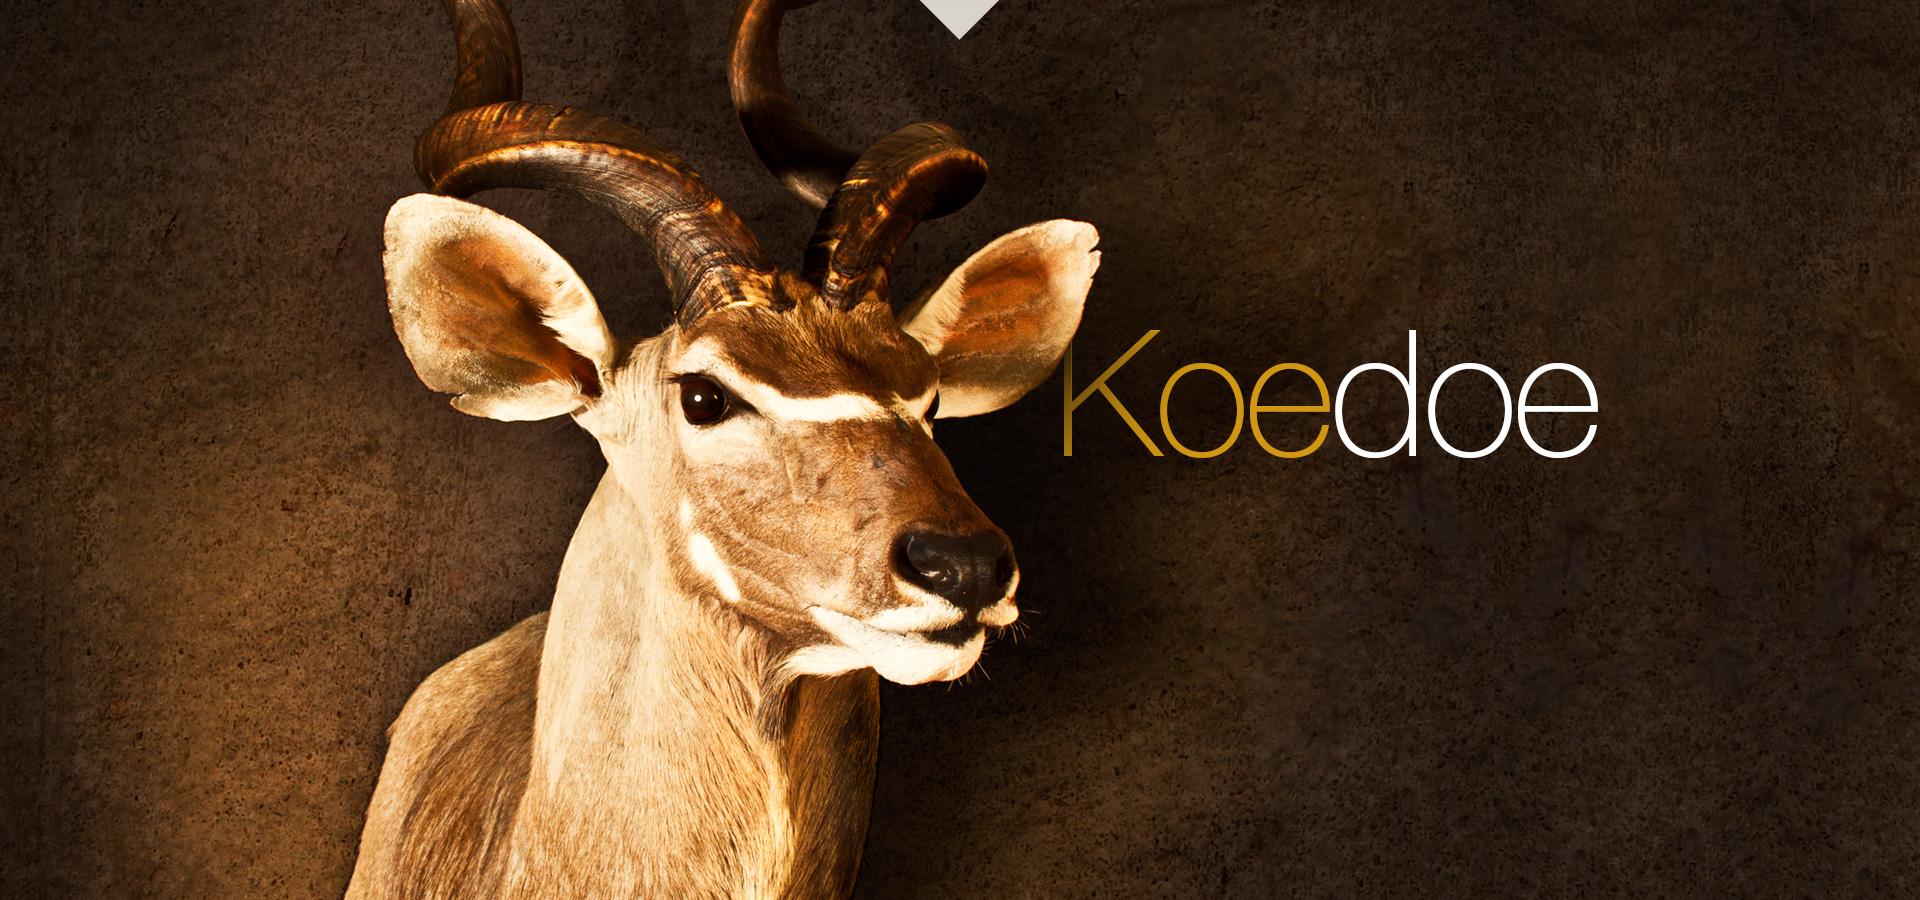 Koedoe - Kudu